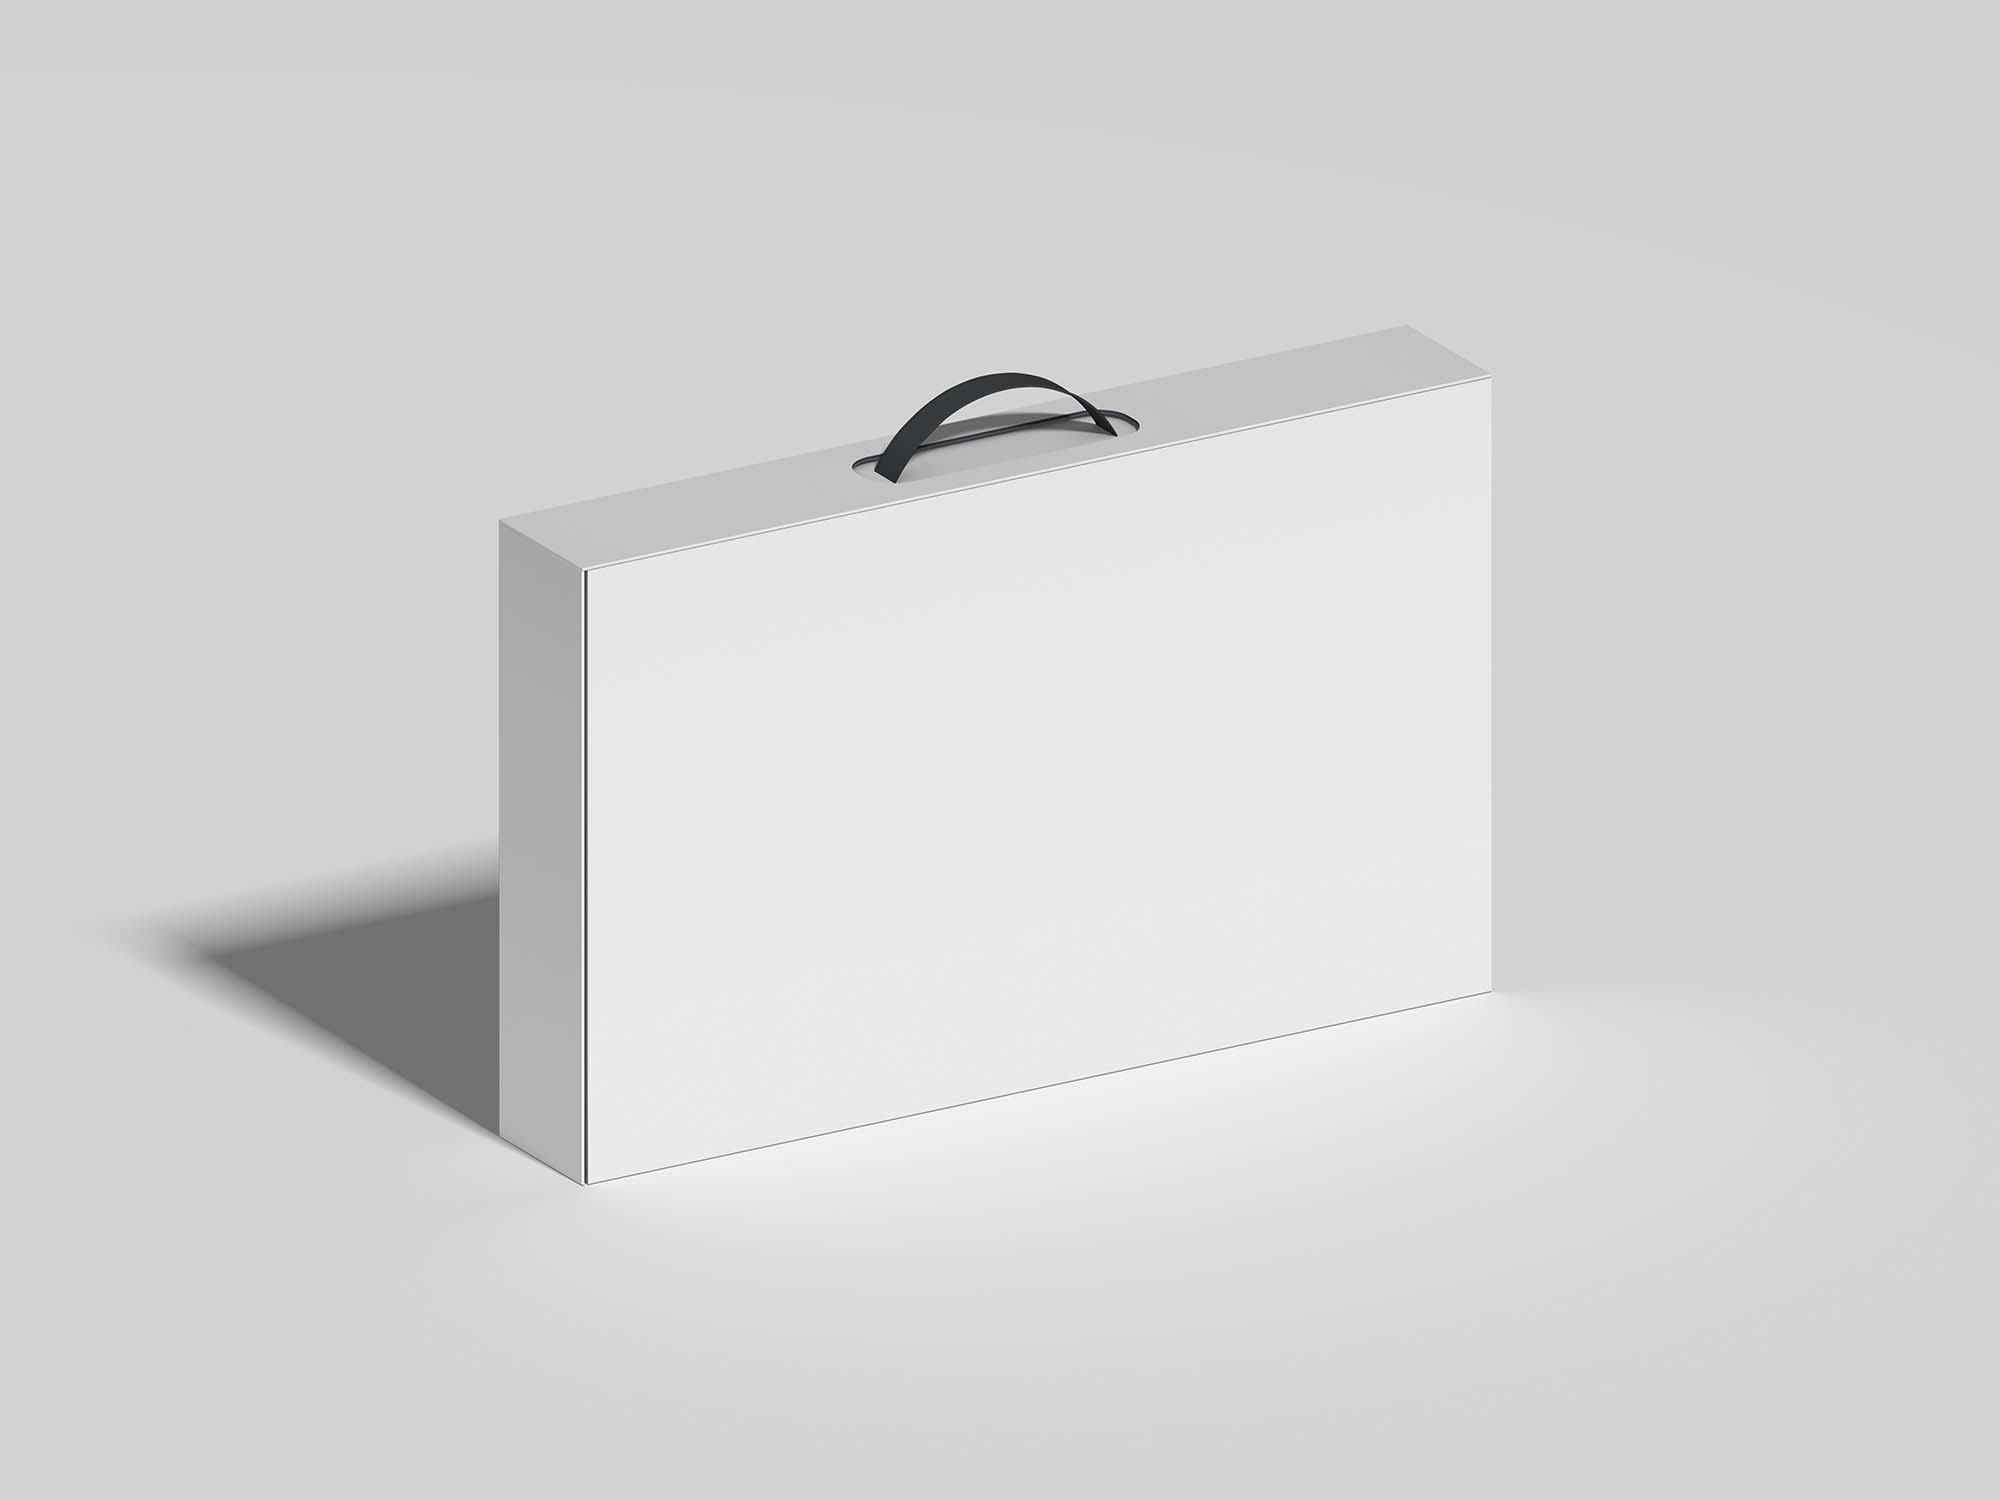 Computer Monitor Packaging Mockup 2